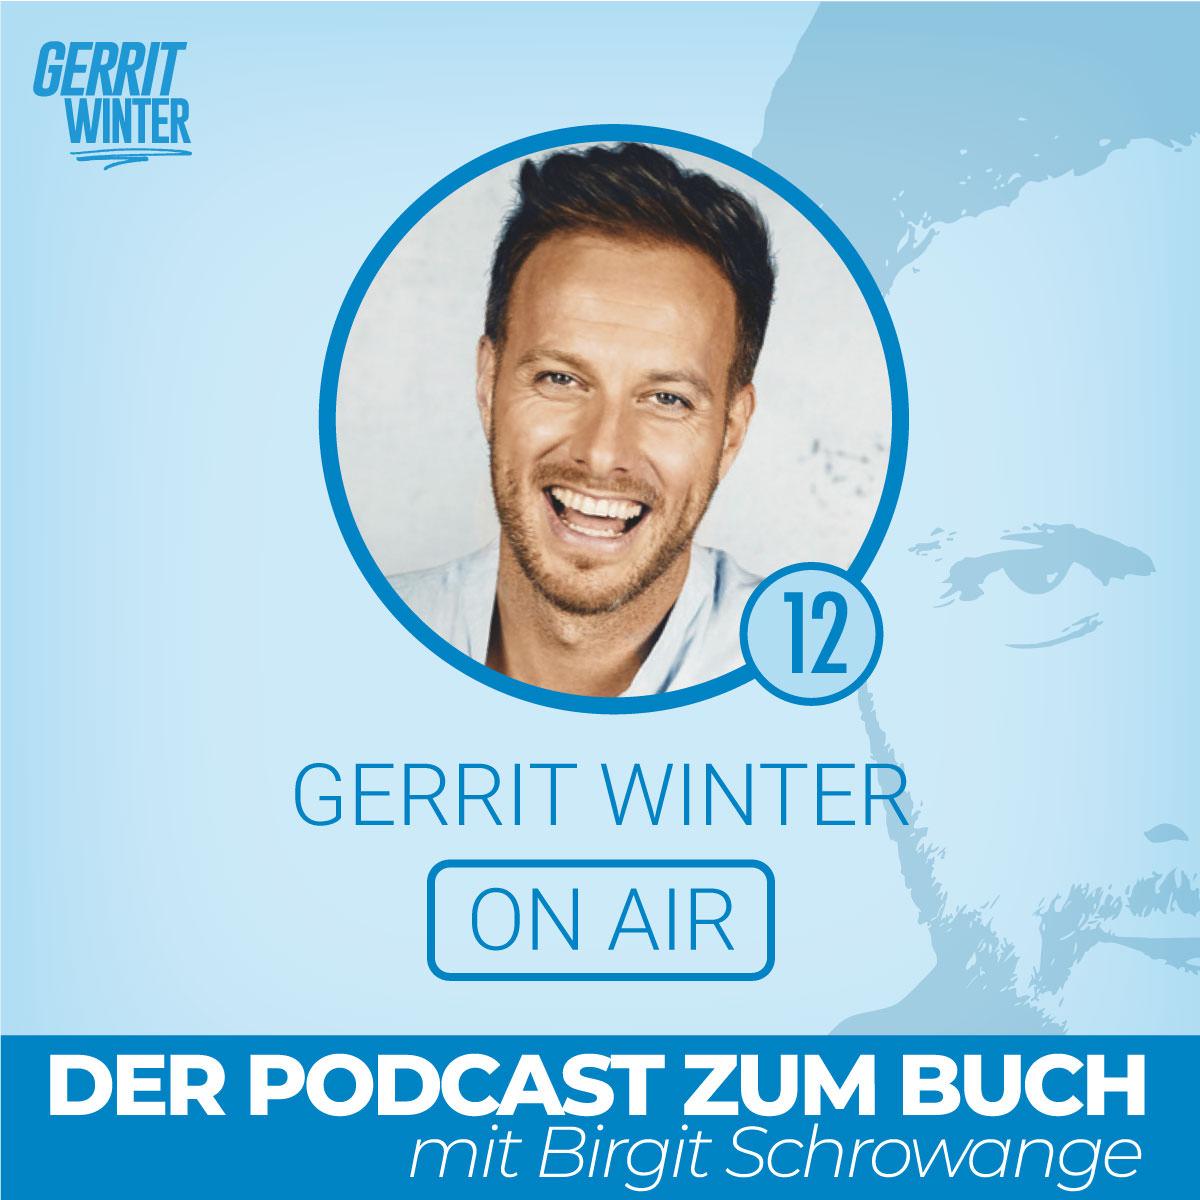 Birgit Schrowange mit Gerrit Winter im Pocast